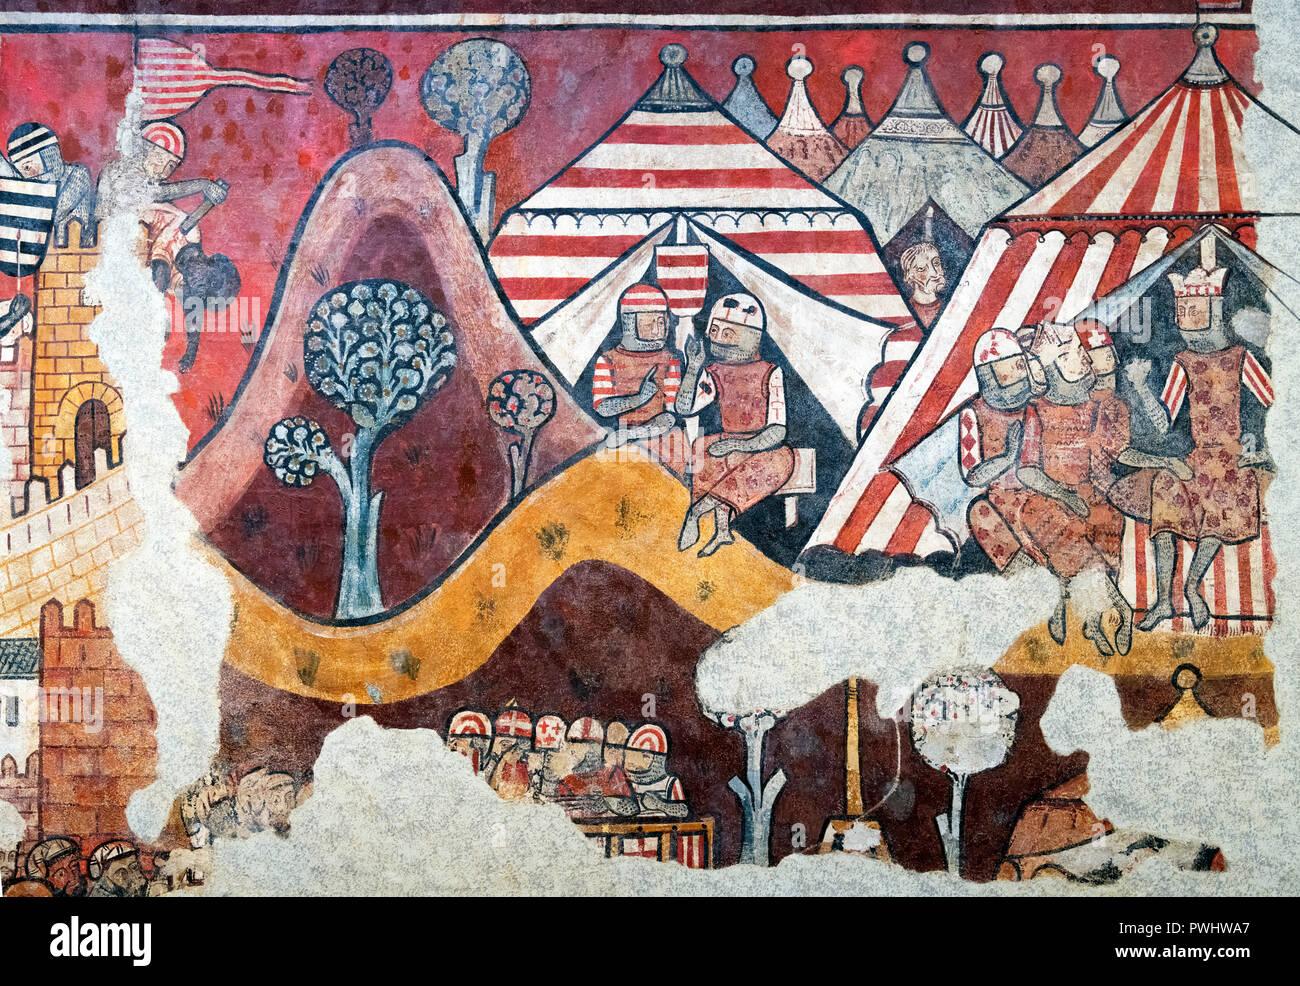 Die Eroberung von Mallorca, Panel aus einem mittelalterlichen gotischen Wandgemälde aus der Palau Aguilar, der Meister der der Eroberung Mallorcas, Fresko auf die Leinwand übertragen, c. 1285-90 Stockbild